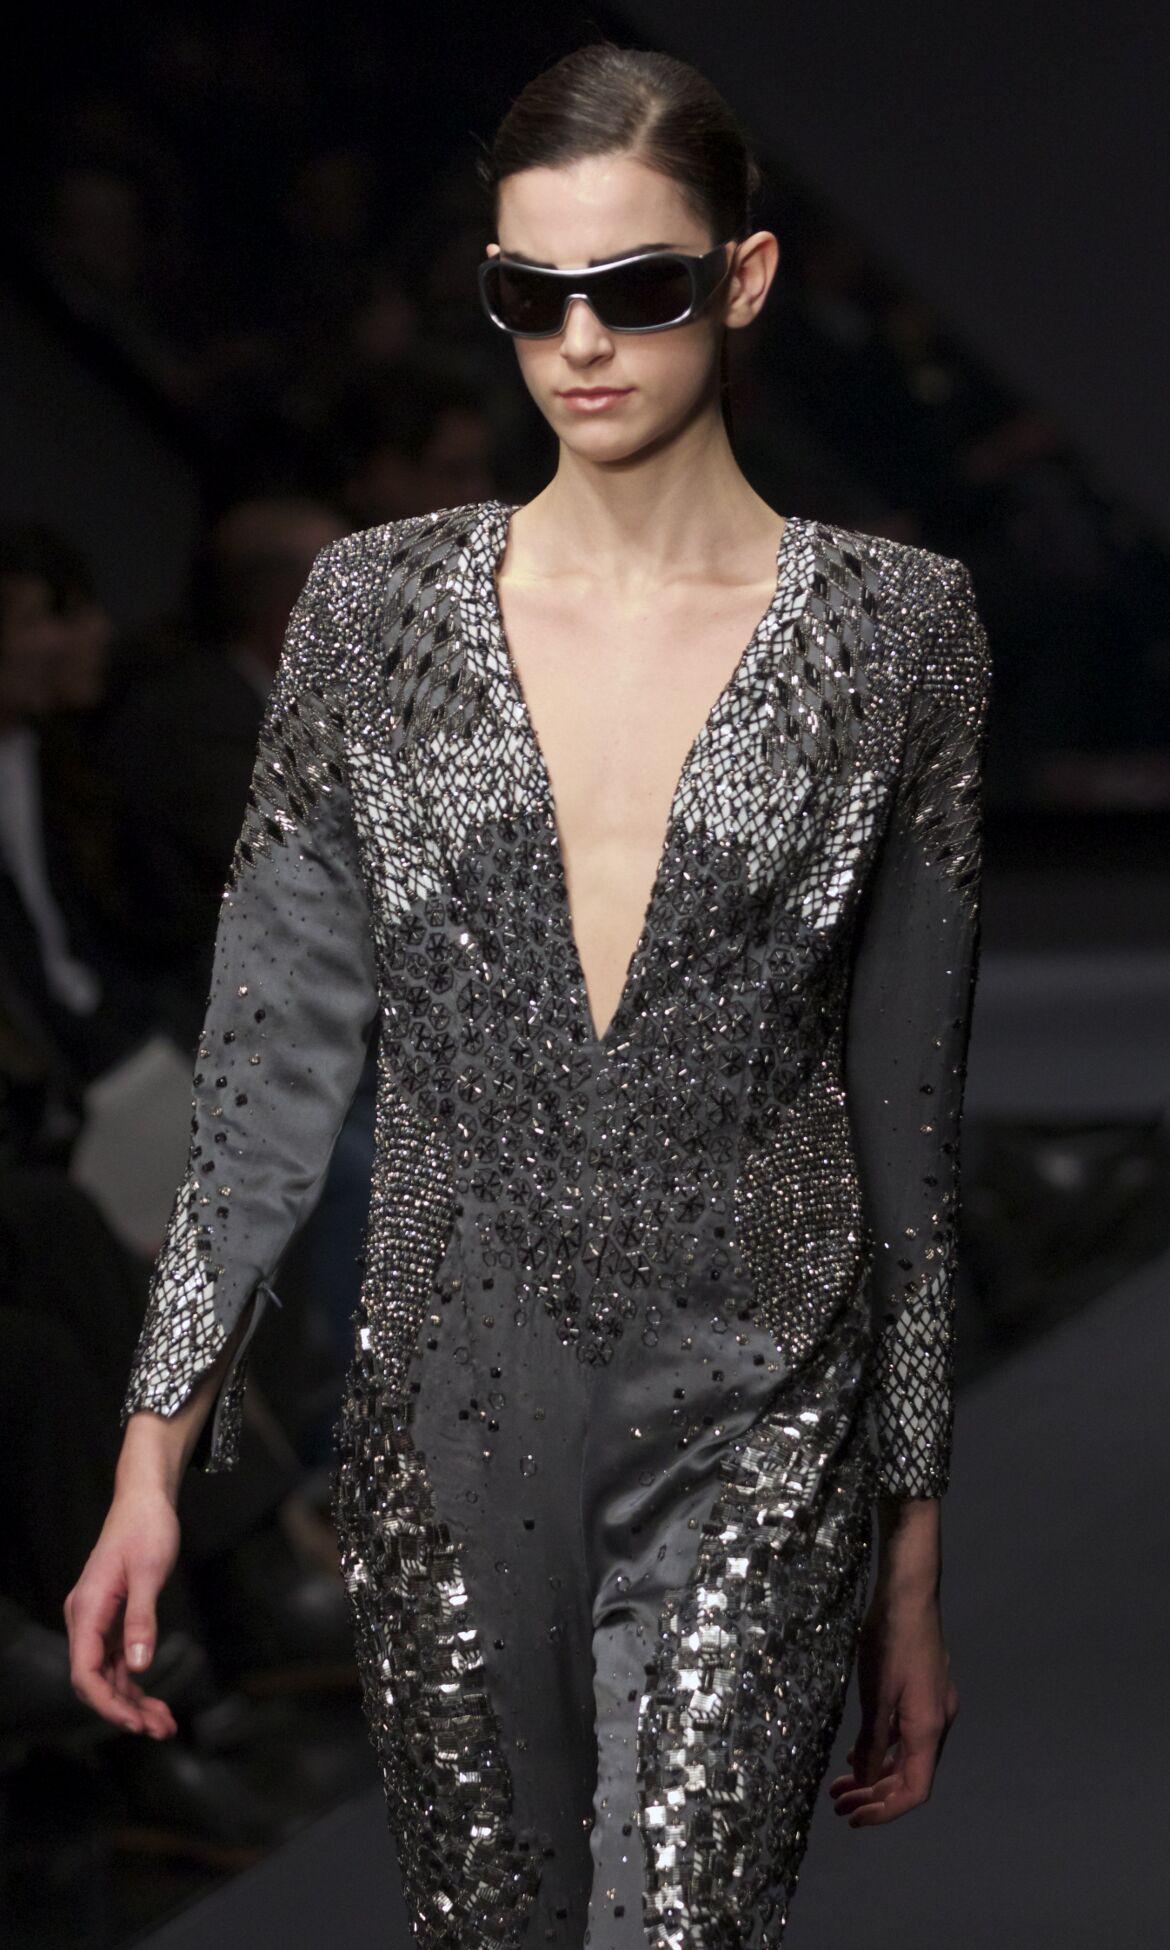 Fall Krizia Fashion Woman